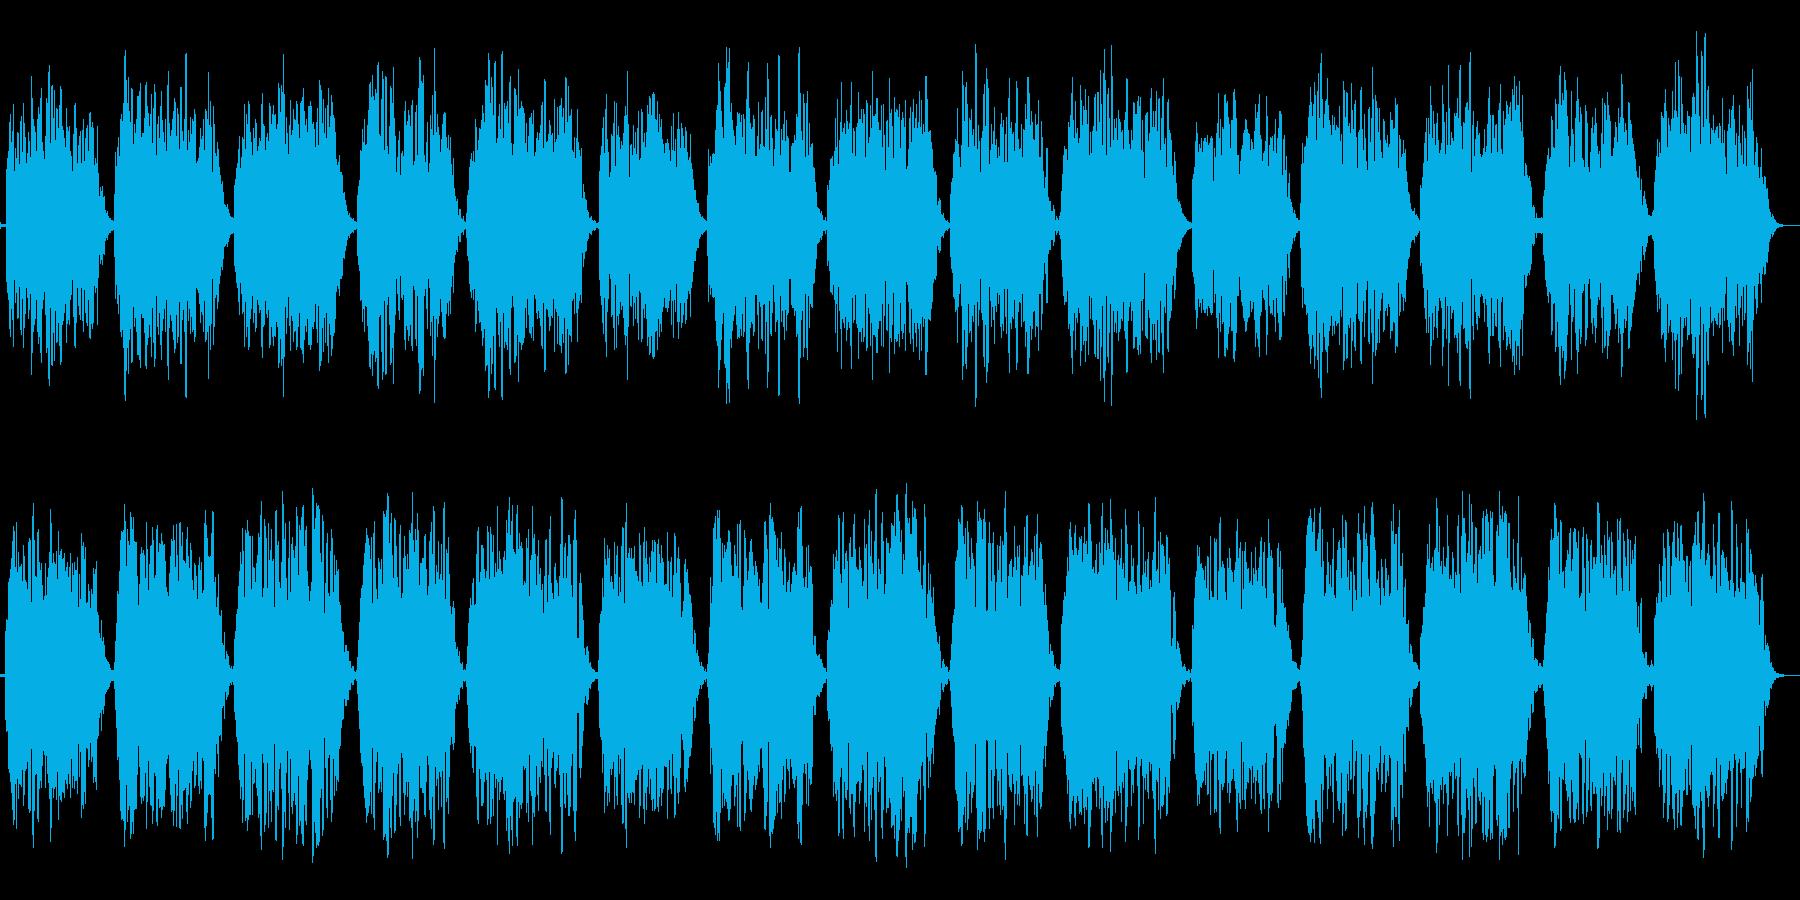 第一のチャクラ瞑想をC(ド)の音での再生済みの波形